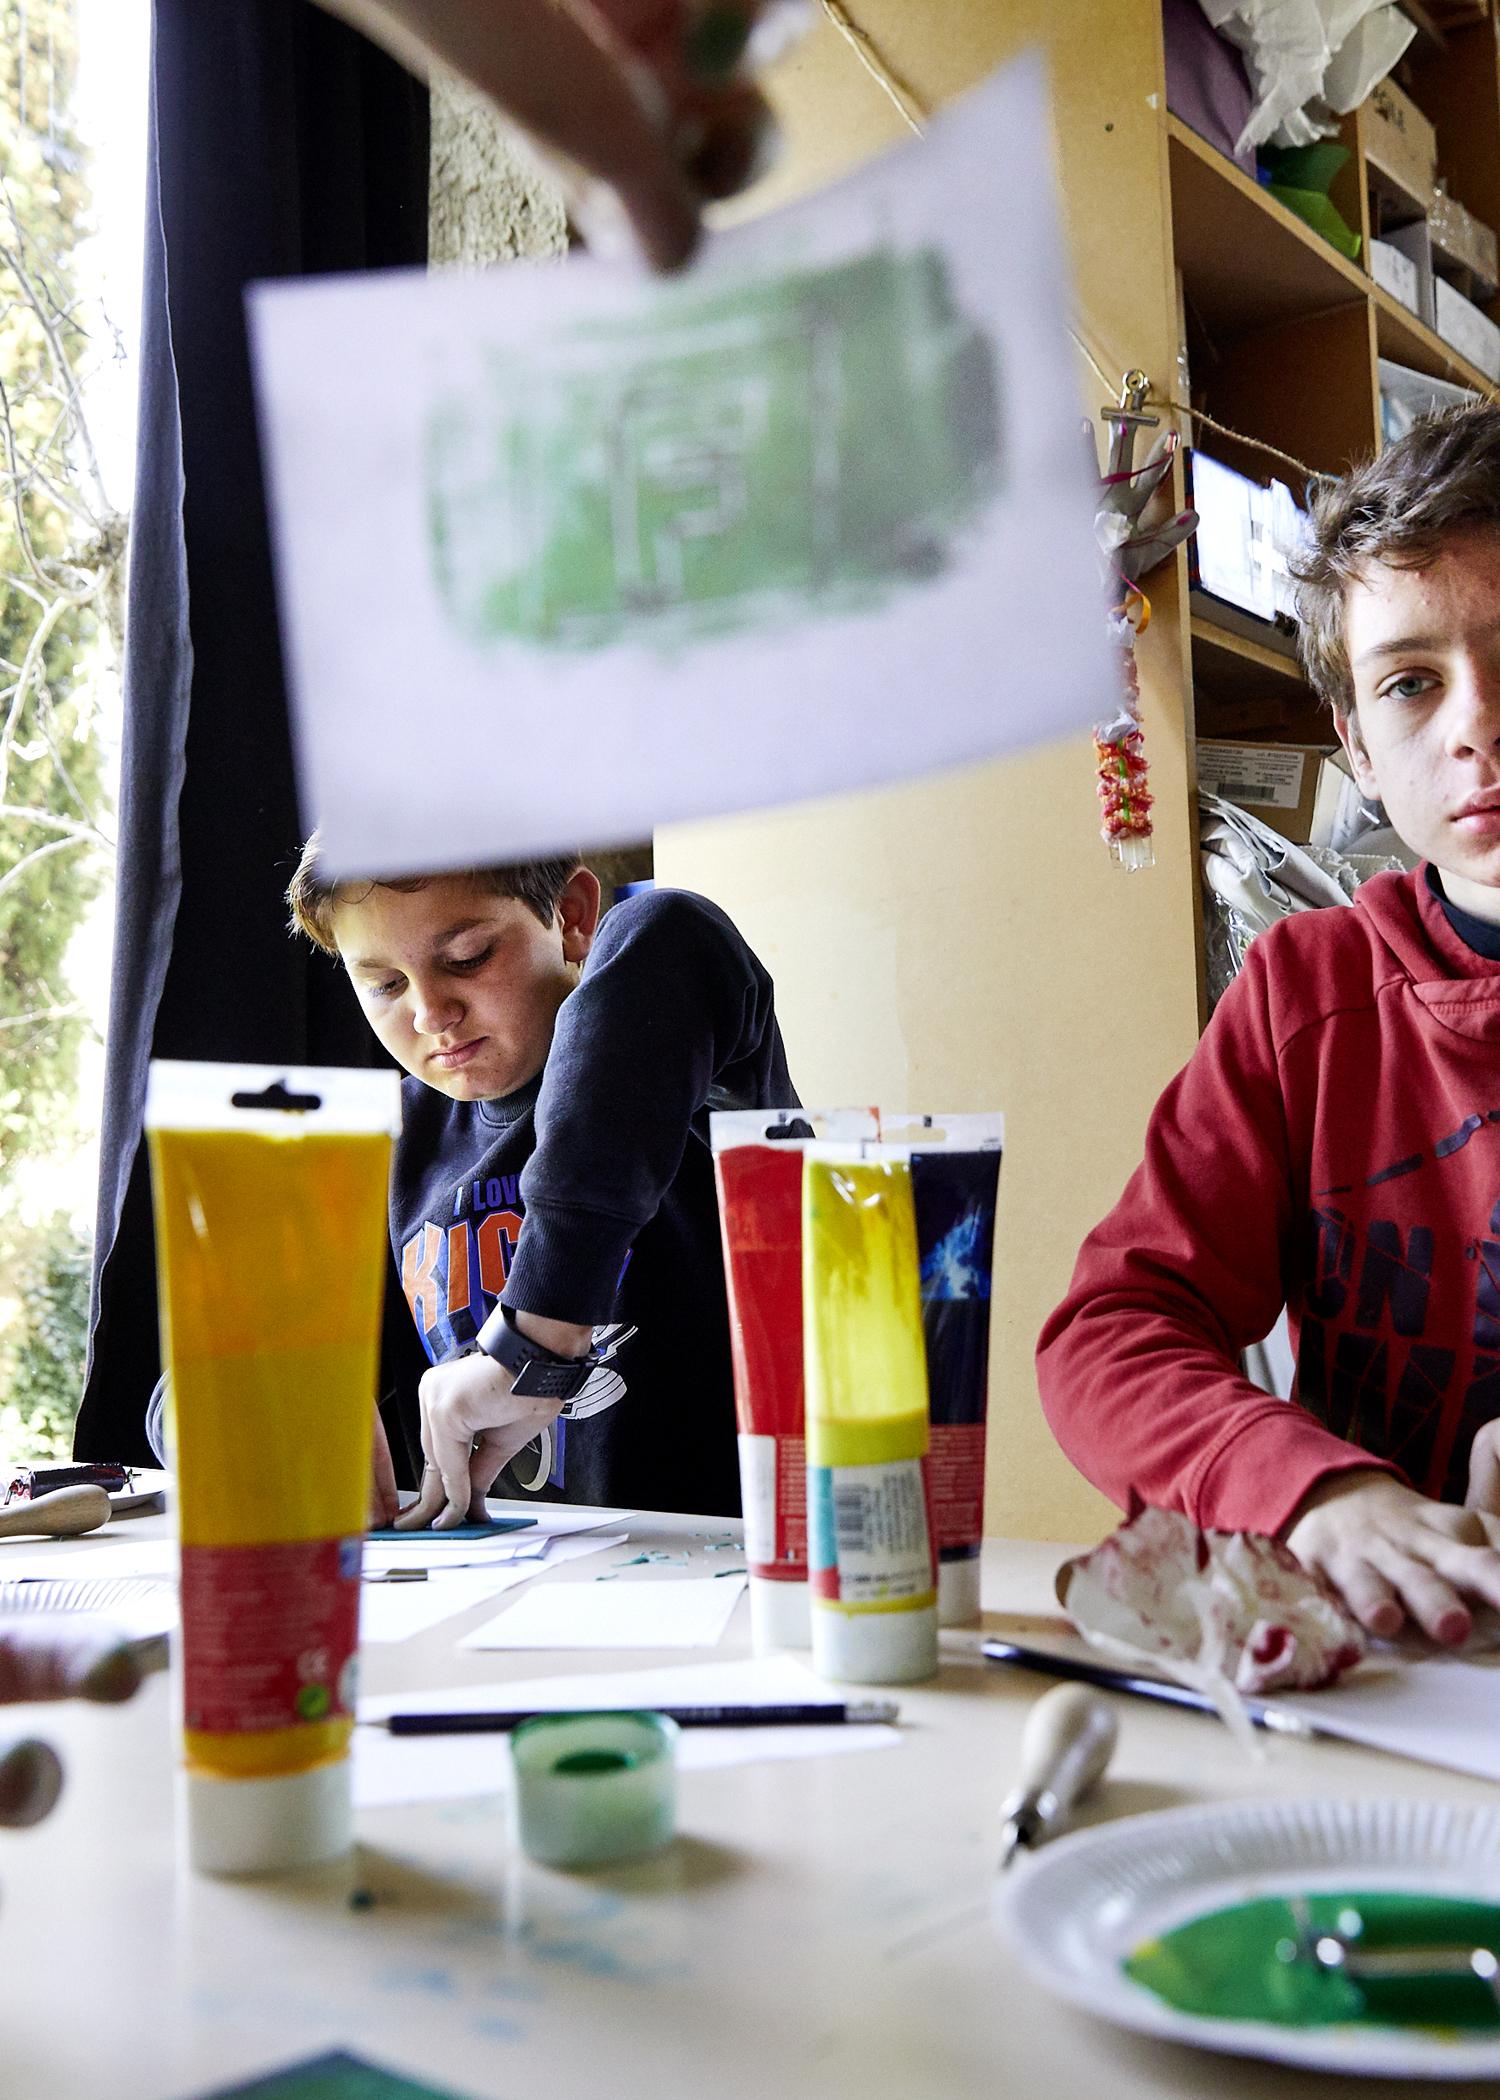 classe de 4° du college masbou en visite à la MACGP et participant a l'ateleier linogravure dans le cadre du dispositif des nouveaux collectionneurs